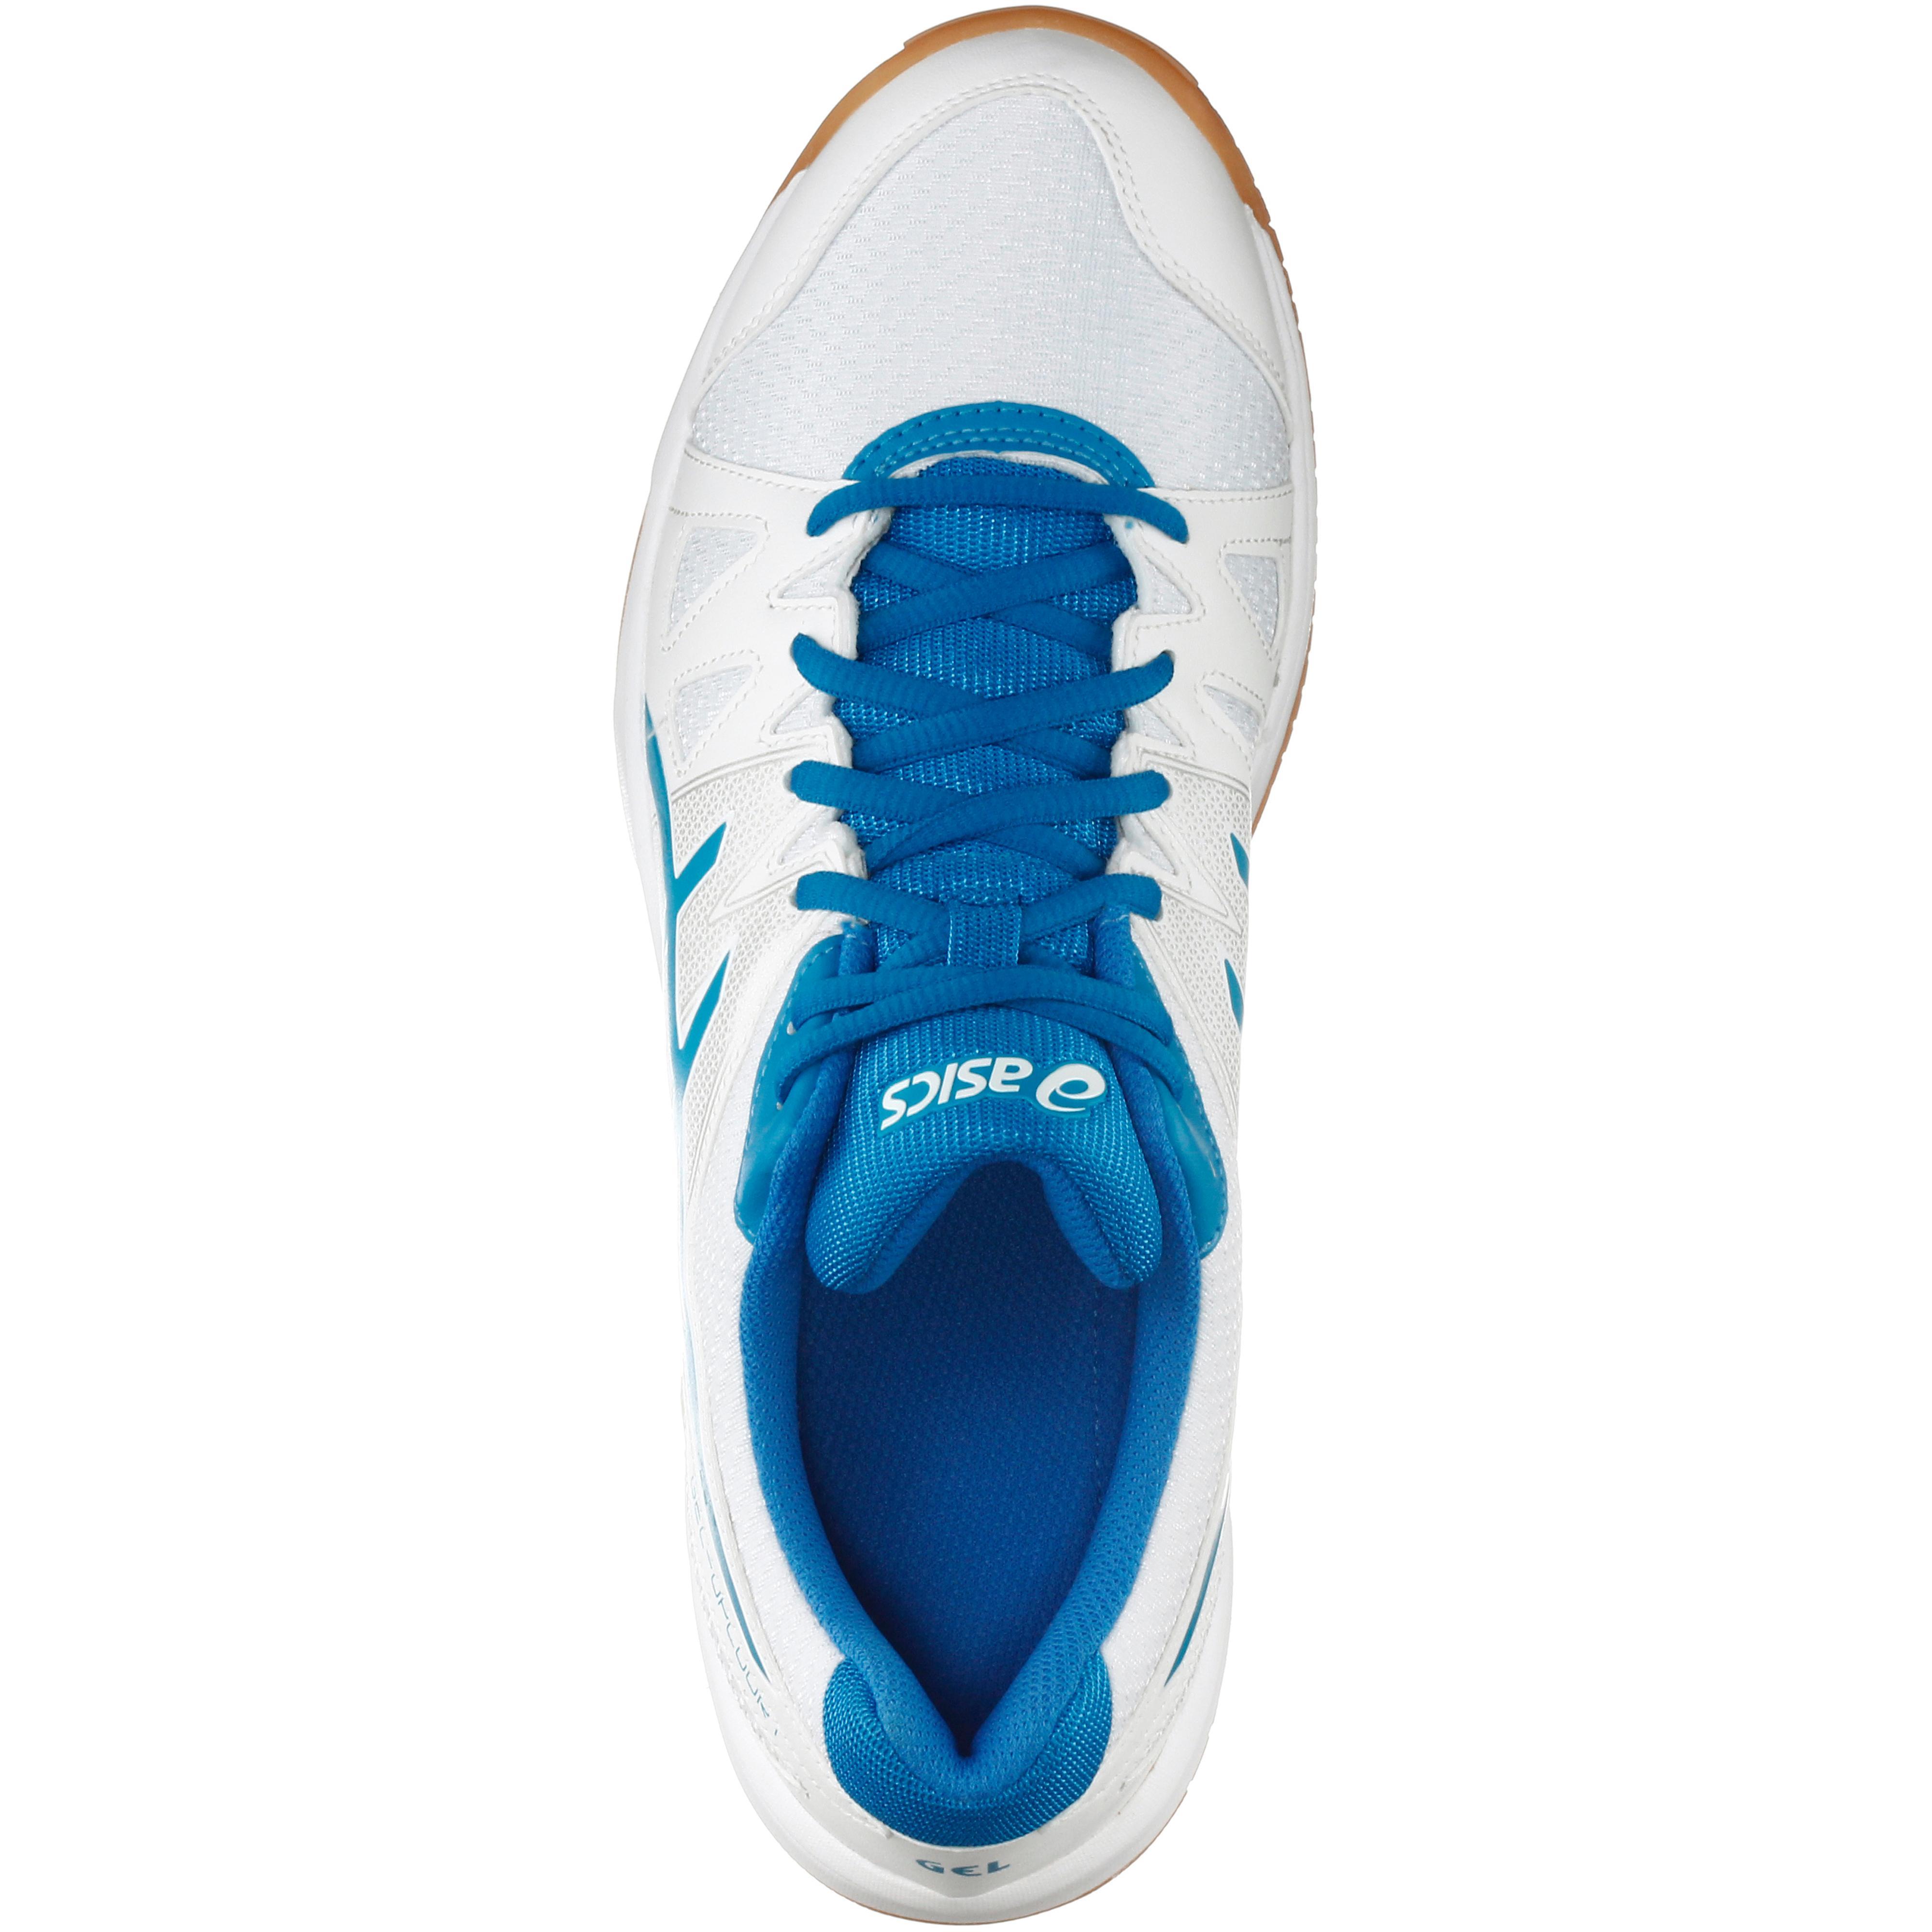 ASICS Gel-Upcourt Hallenschuhe Herren weiß im Online Online Online Shop von SportScheck kaufen Gute Qualität beliebte Schuhe 18602e